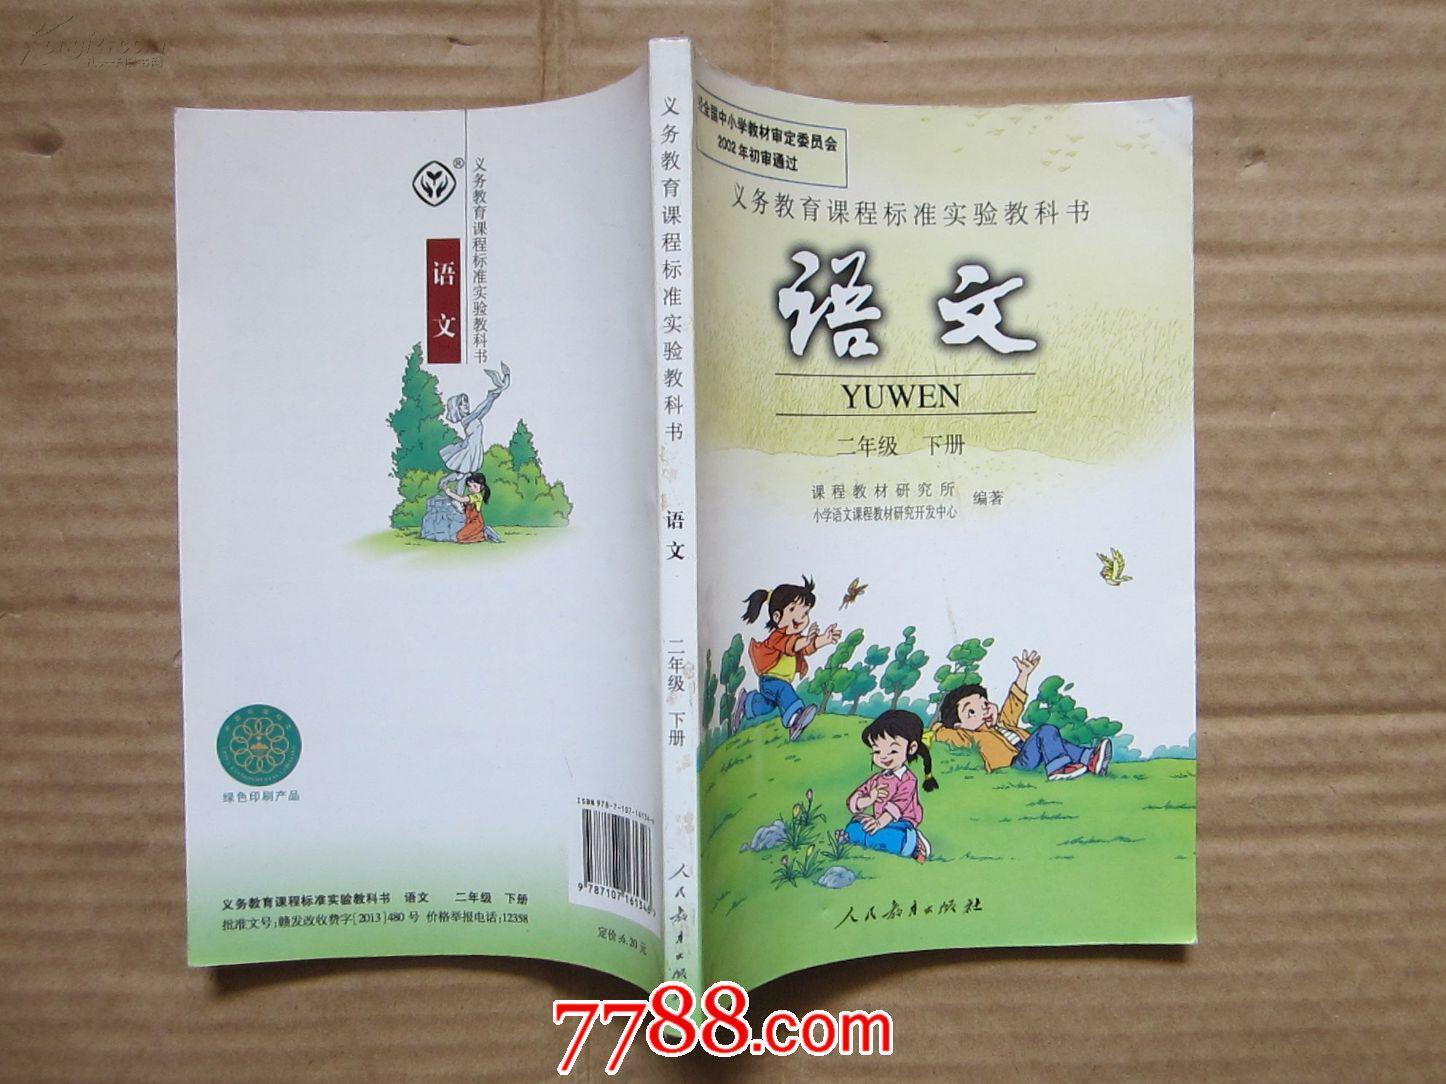 人教版二年级下册语文书书中的一副春联图片